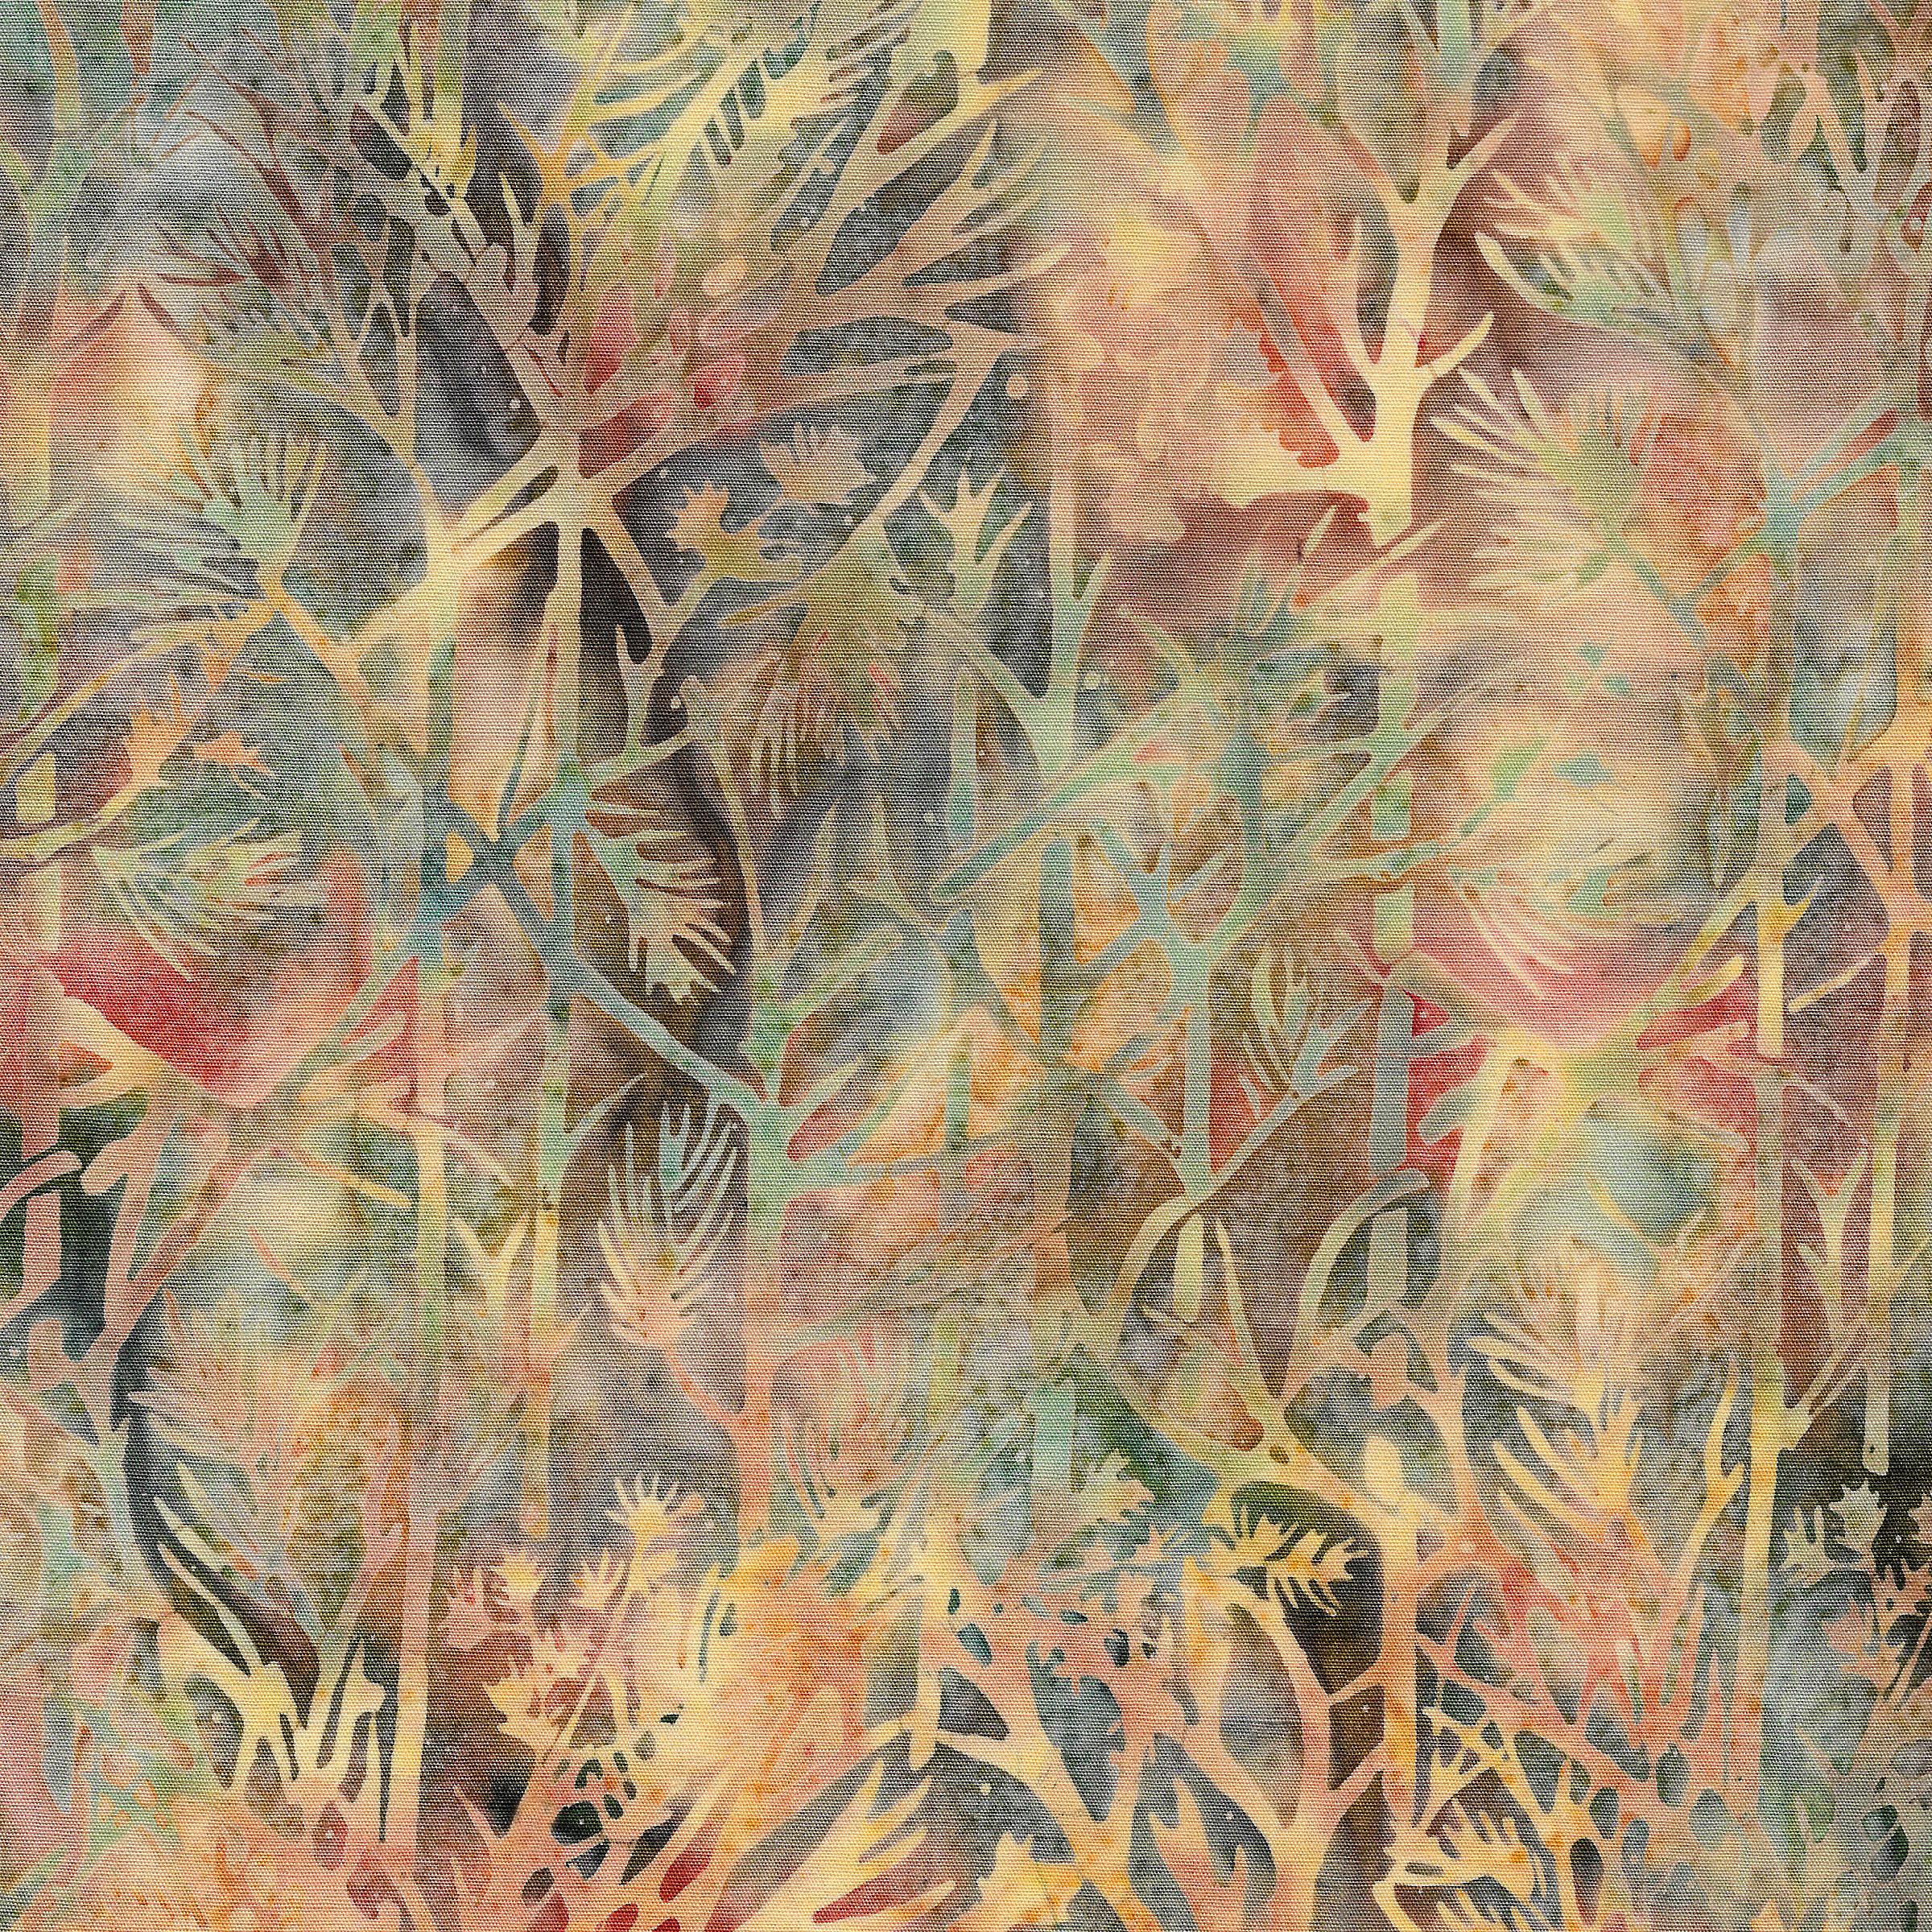 121801825 / Twigs-Peony